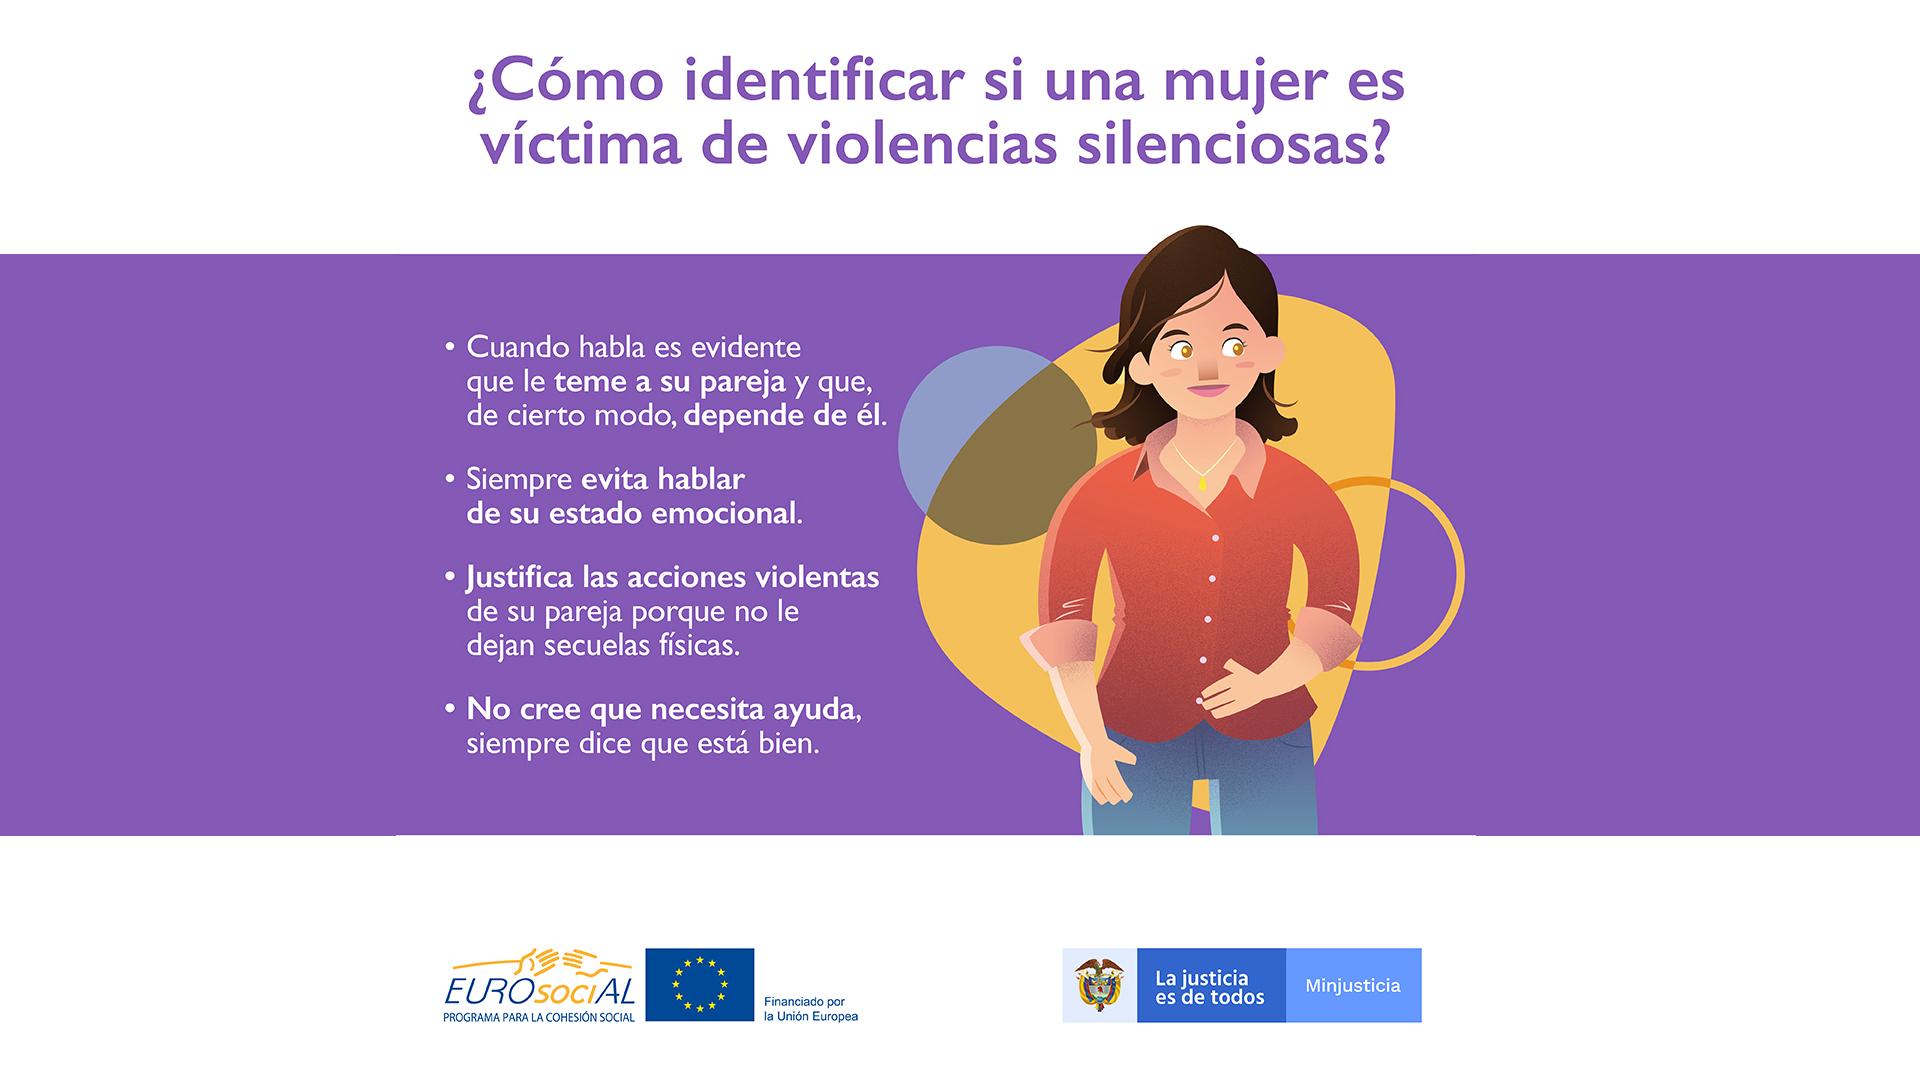 Colombia apuesta por sensibilizar sobre las violencias silenciosas que sufren las mujeres para avanzar en su erradicación